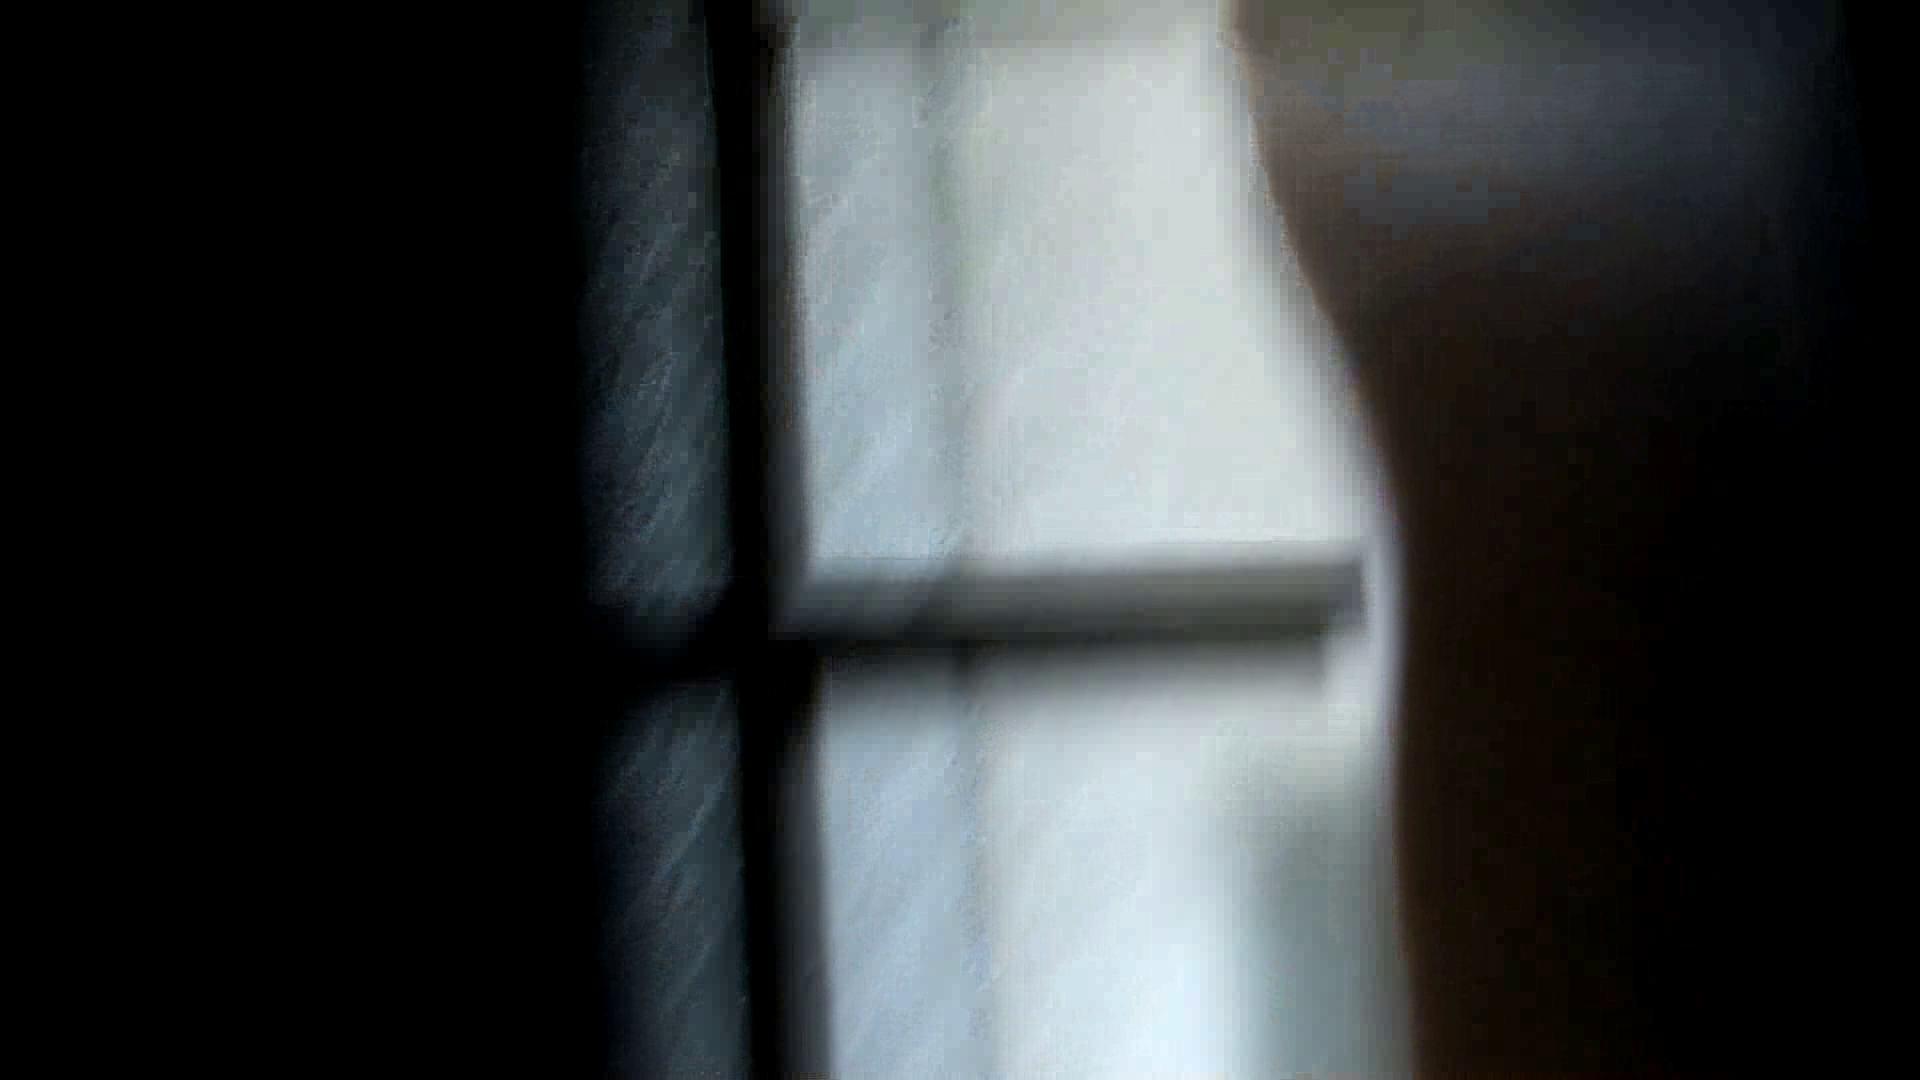 リアル盗撮 清楚なお女市さんのマル秘私生活② 盗撮エロすぎ   美女達のヌード  53連発 26